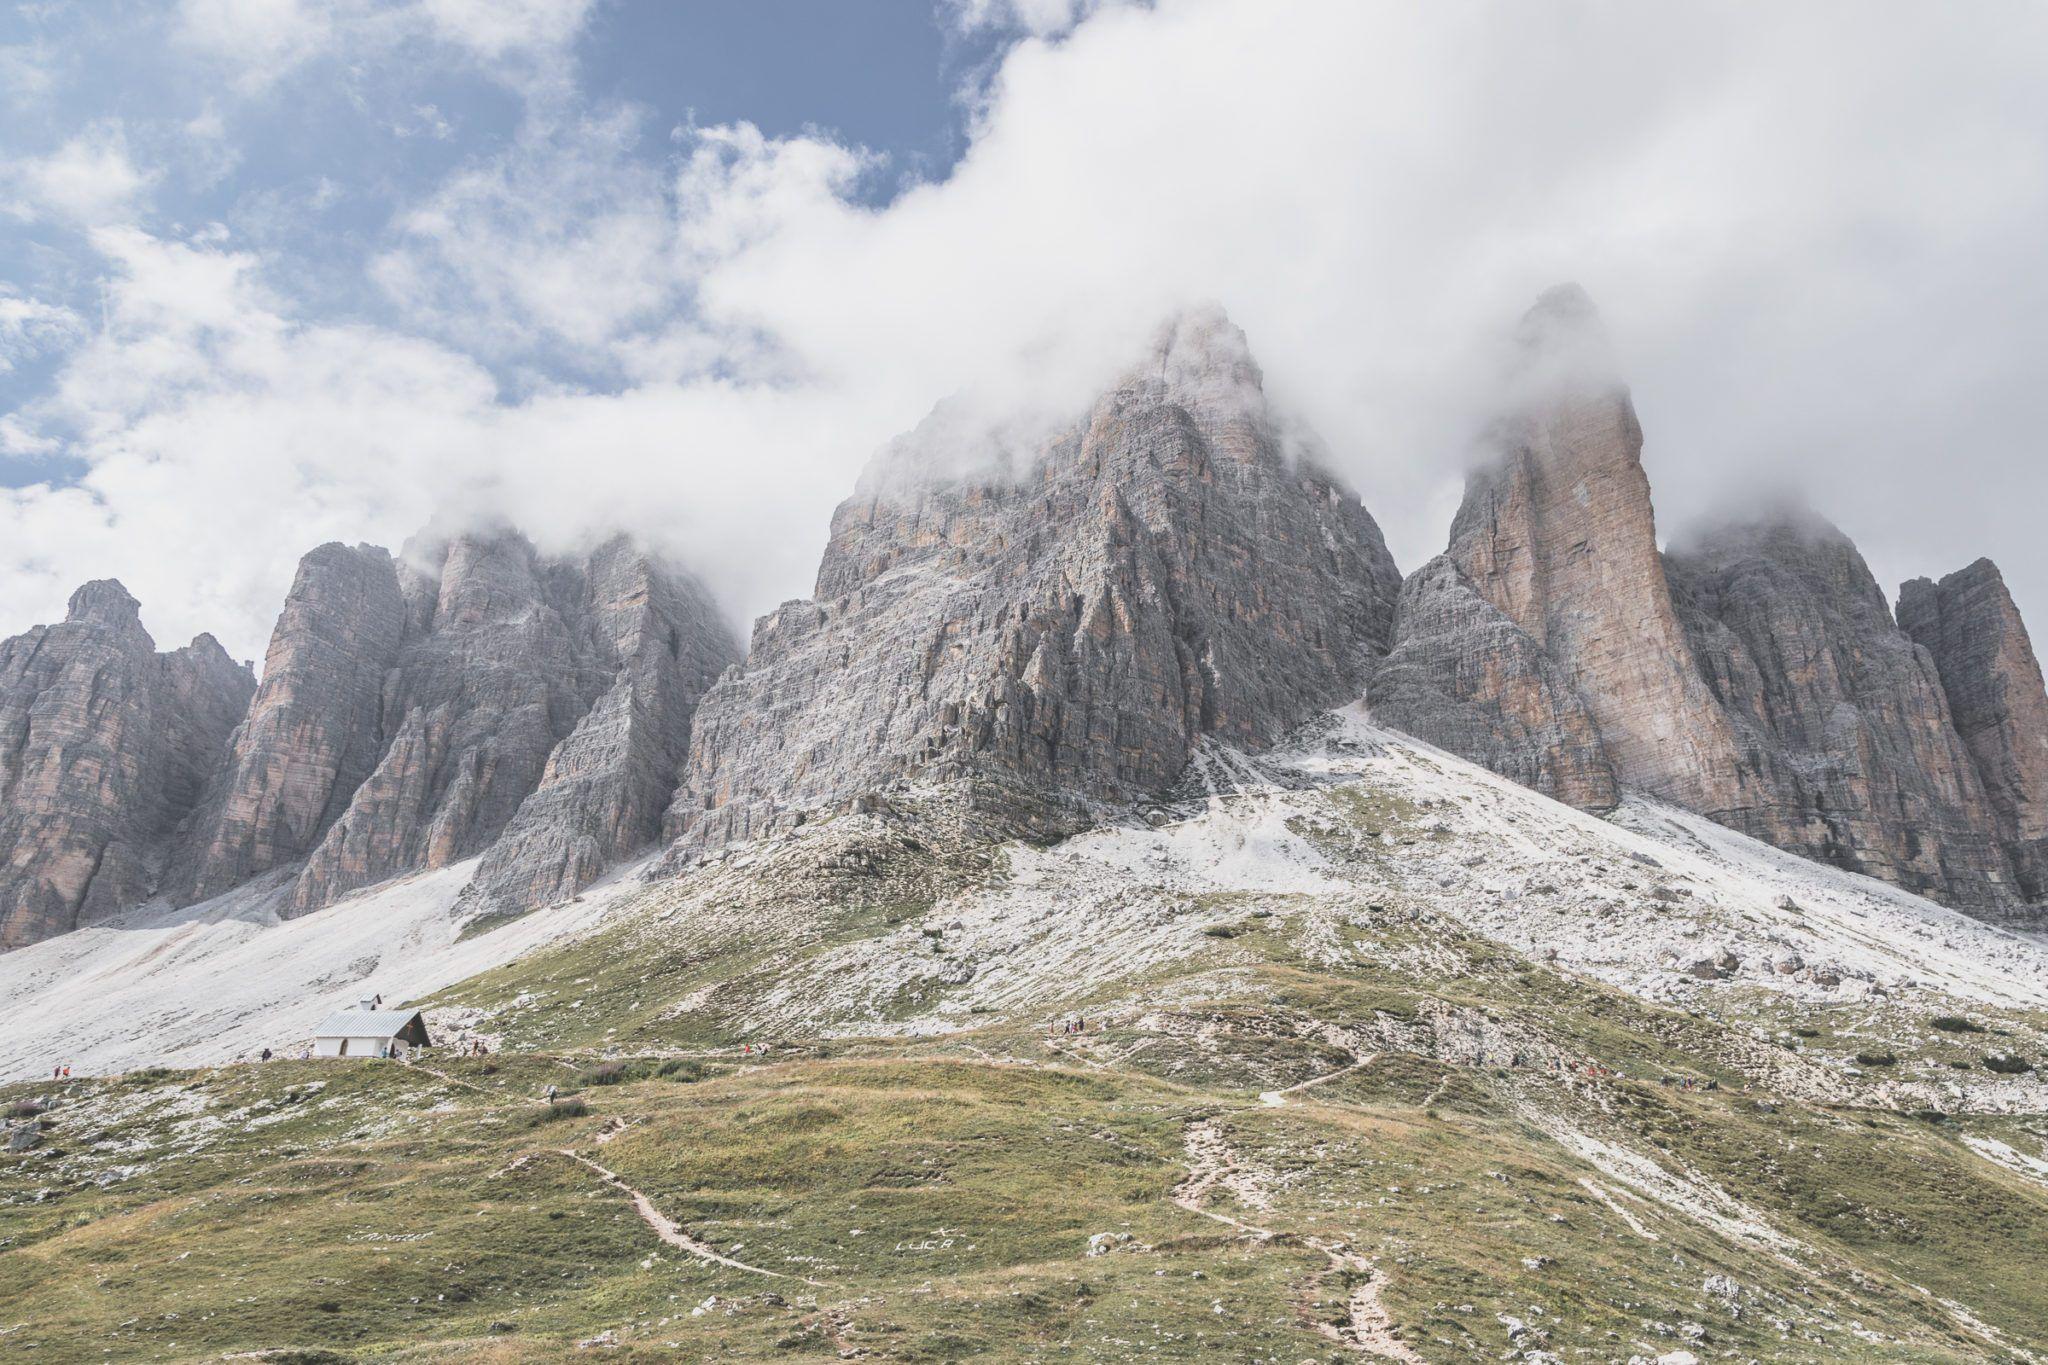 randonnée devant les pics du tre cime di laverado dans les dolomites italiennes